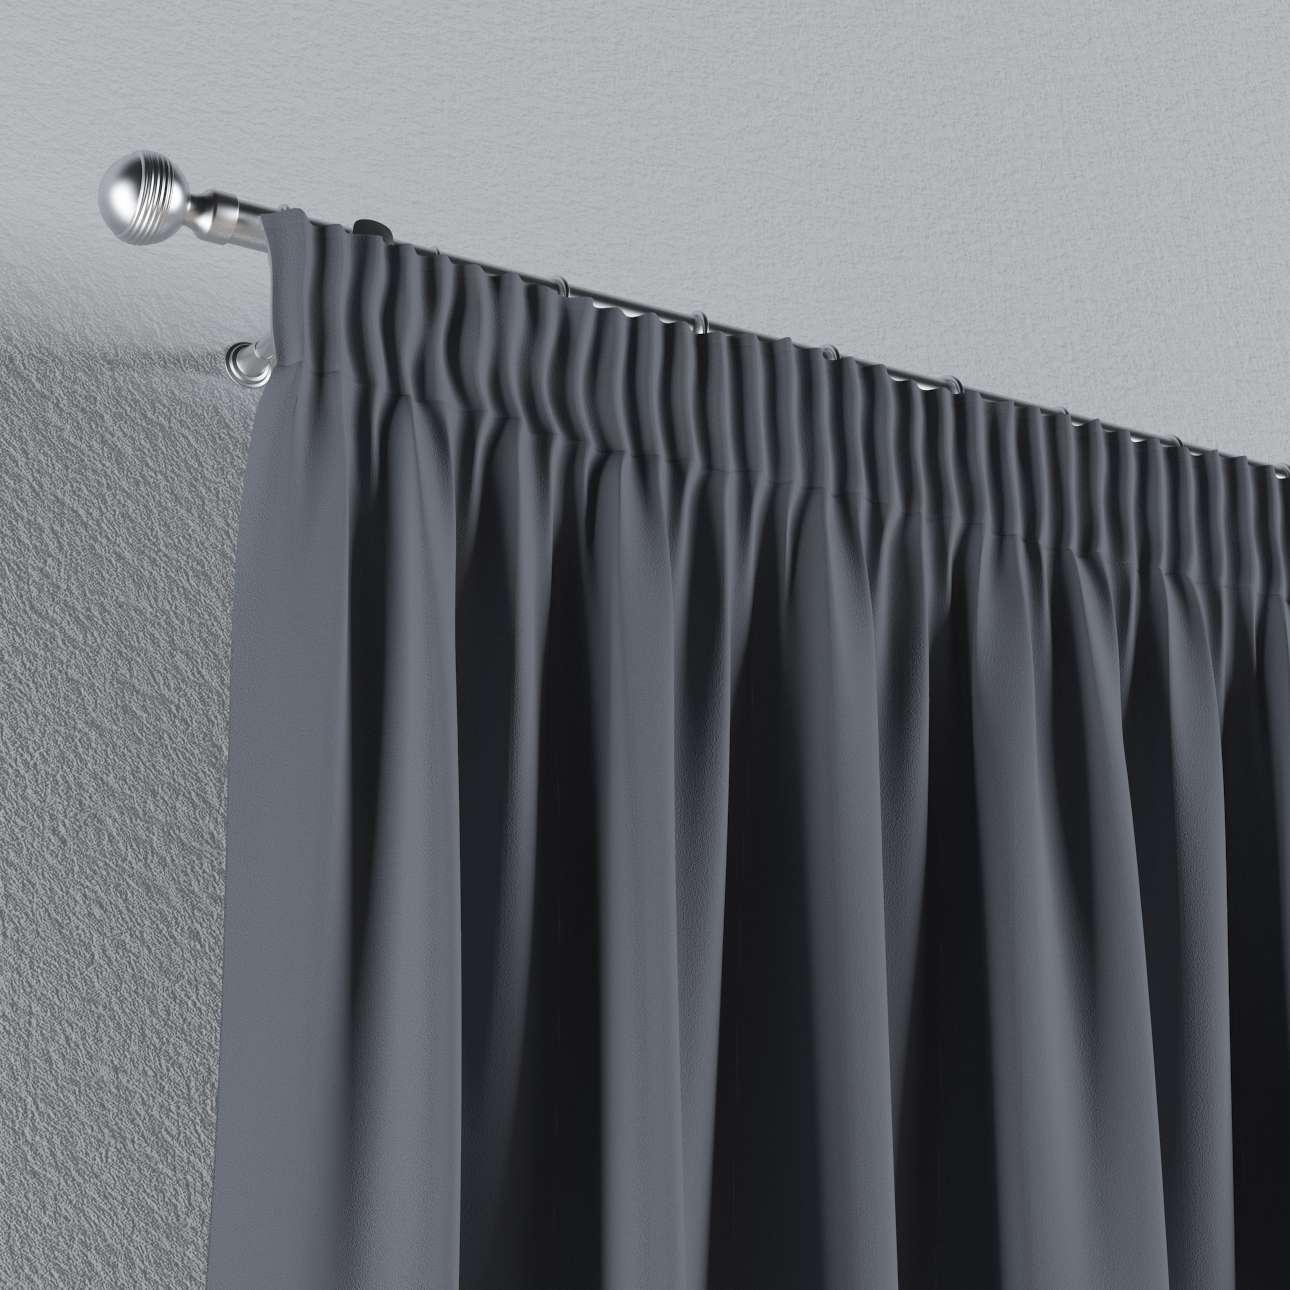 Verdunklungsvorhang mit Kräuselband von der Kollektion Blackout (verdunkelnd), Stoff: 269-76